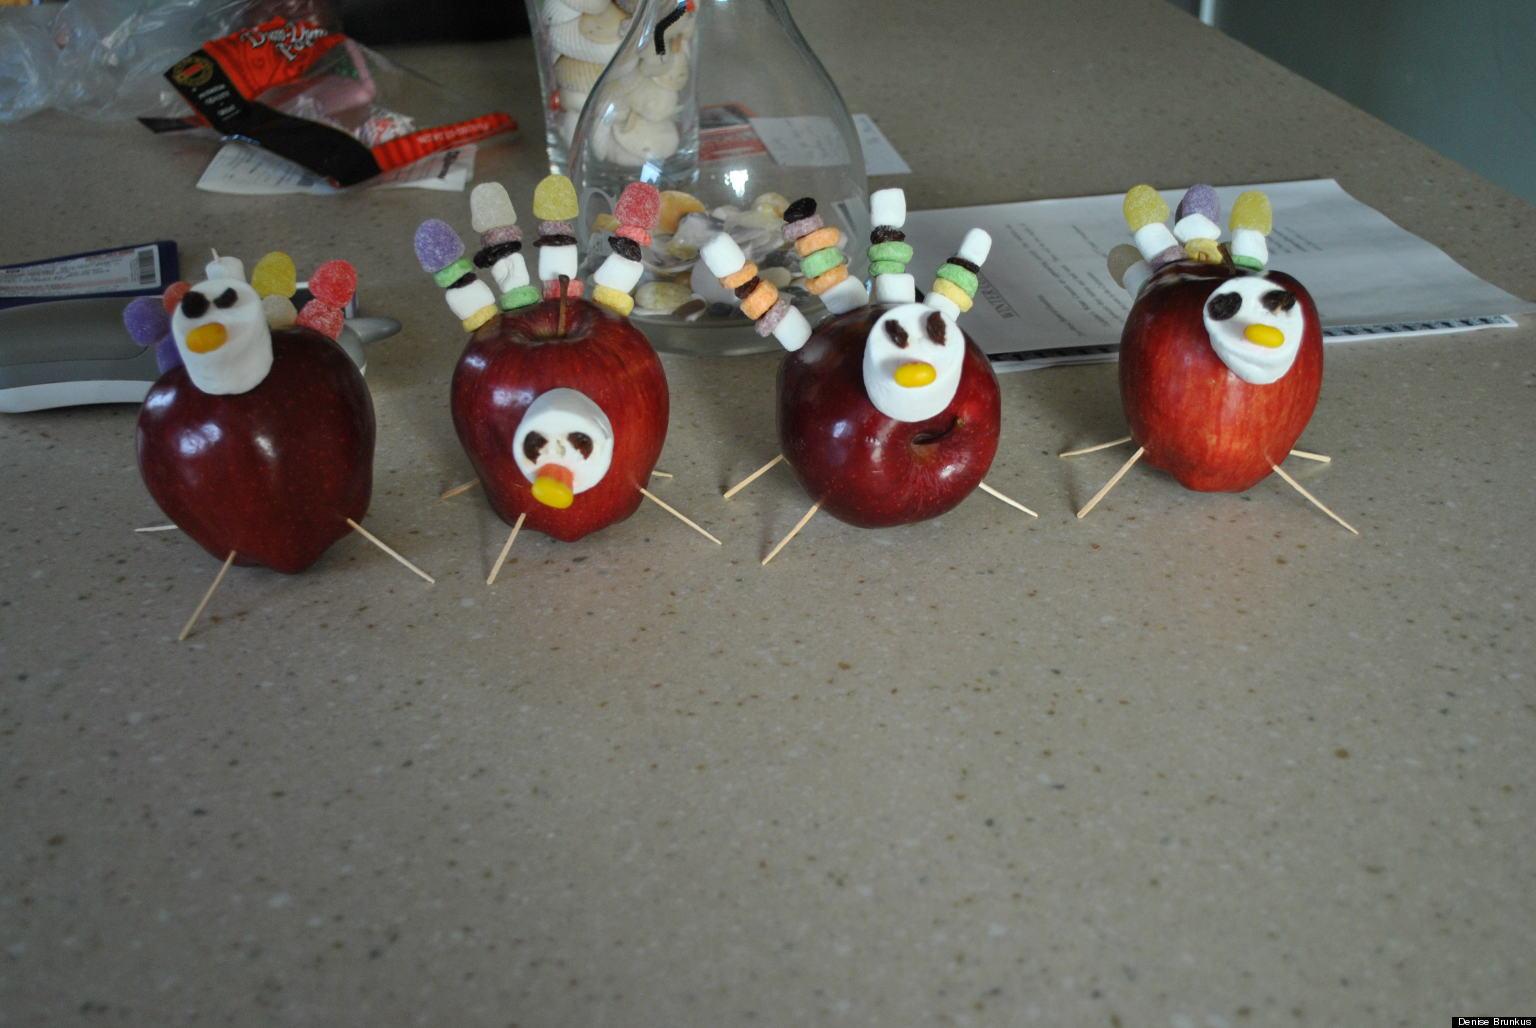 Thanksgiving traditions denise brunkus for Homemade thanksgiving decorations for the home